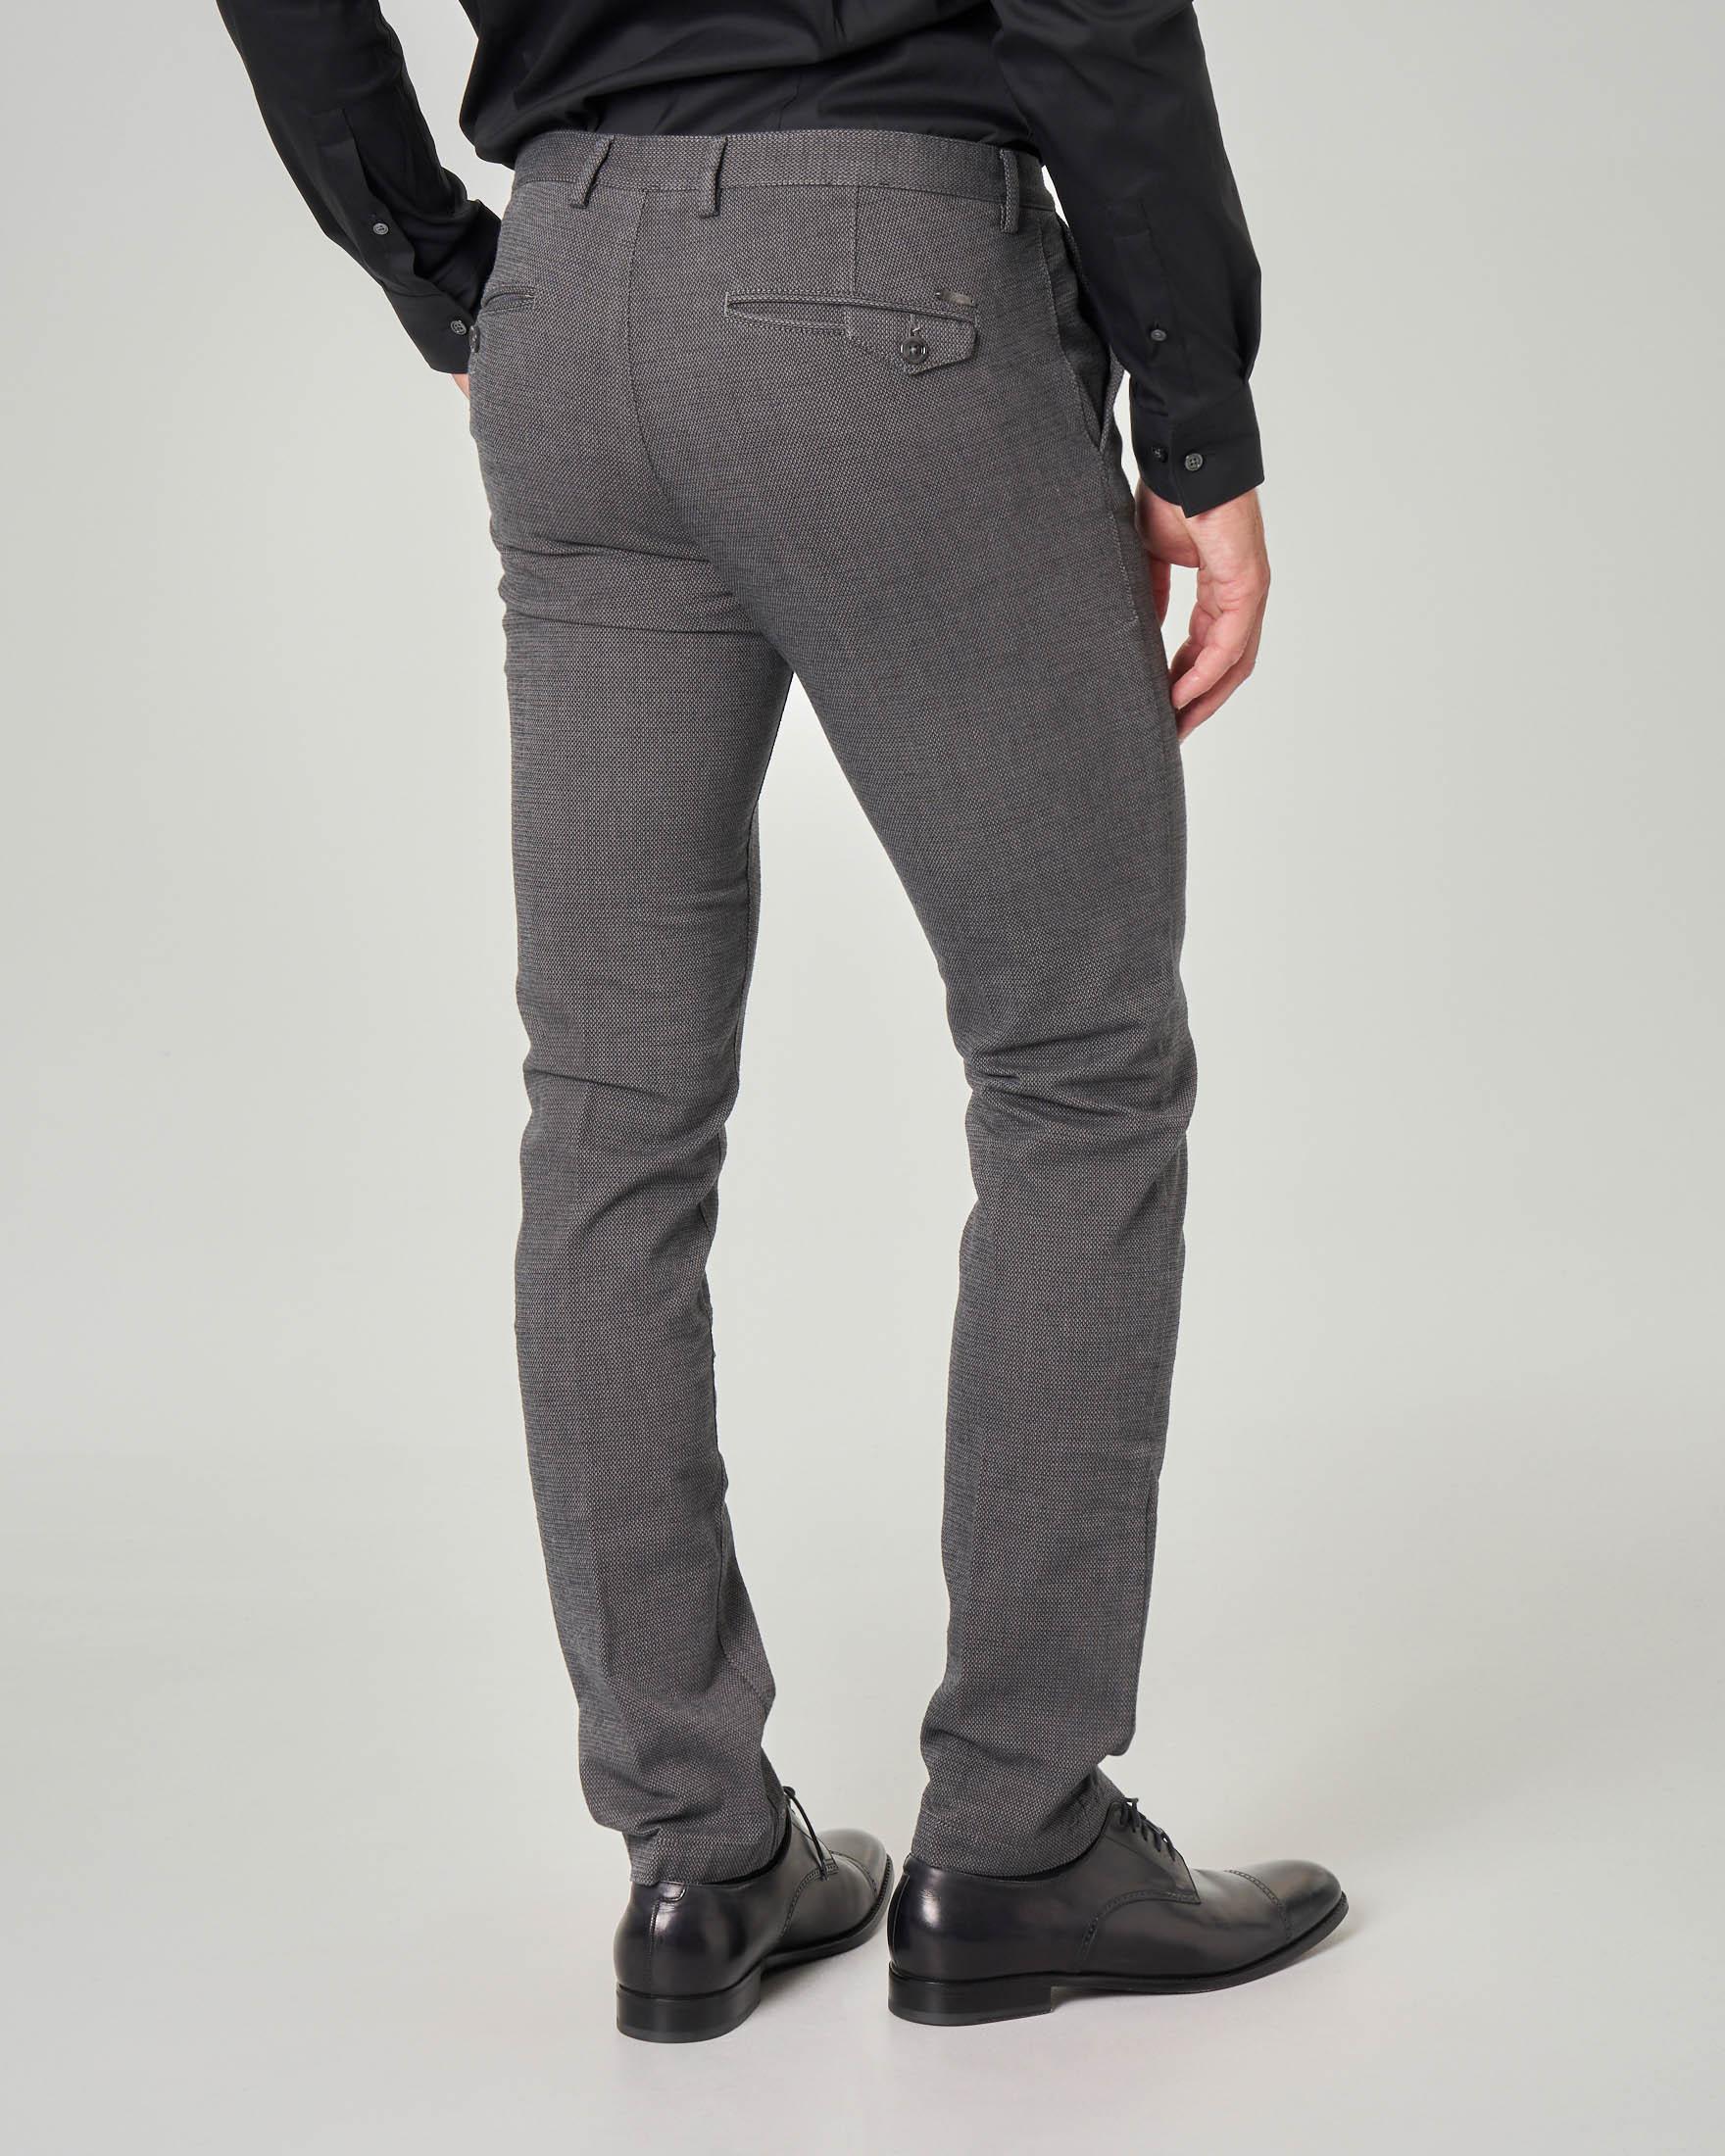 Pantalone grigio microarmatura in tessuto stretch